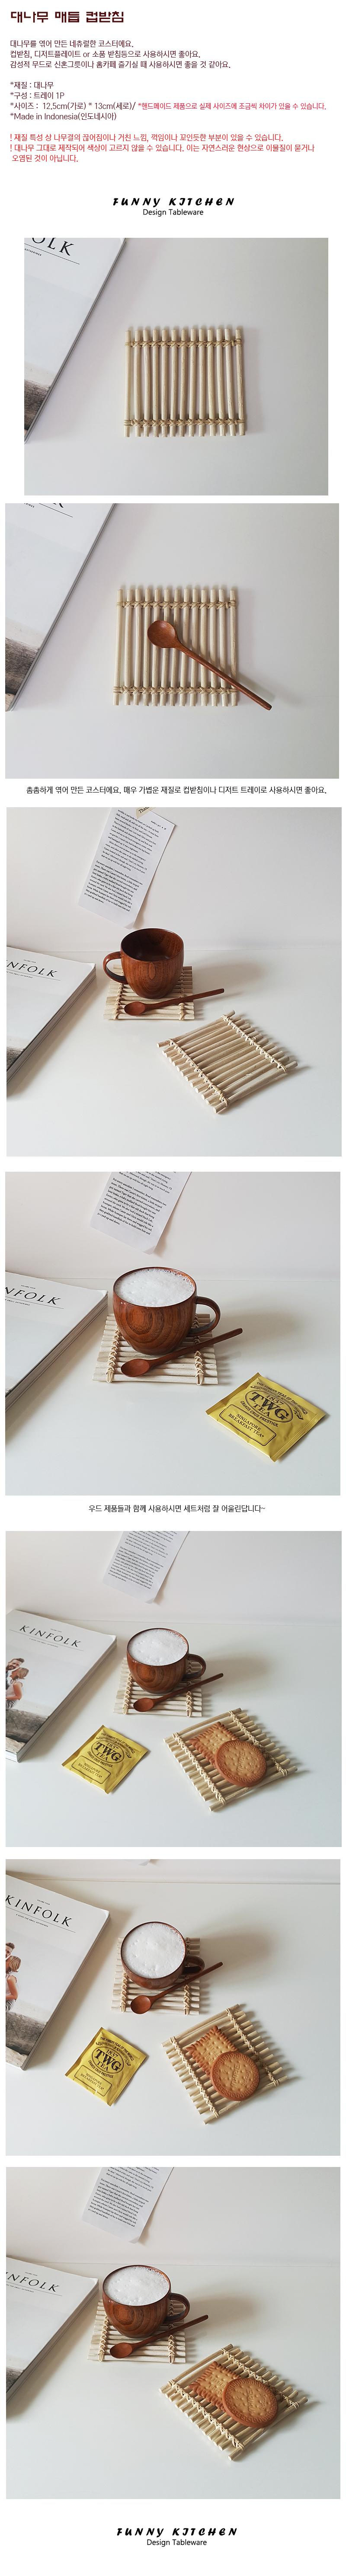 대나무 컵받침 트레이 - 퍼니키친, 5,000원, 컵받침/뚜껑/홀더, 컵받침